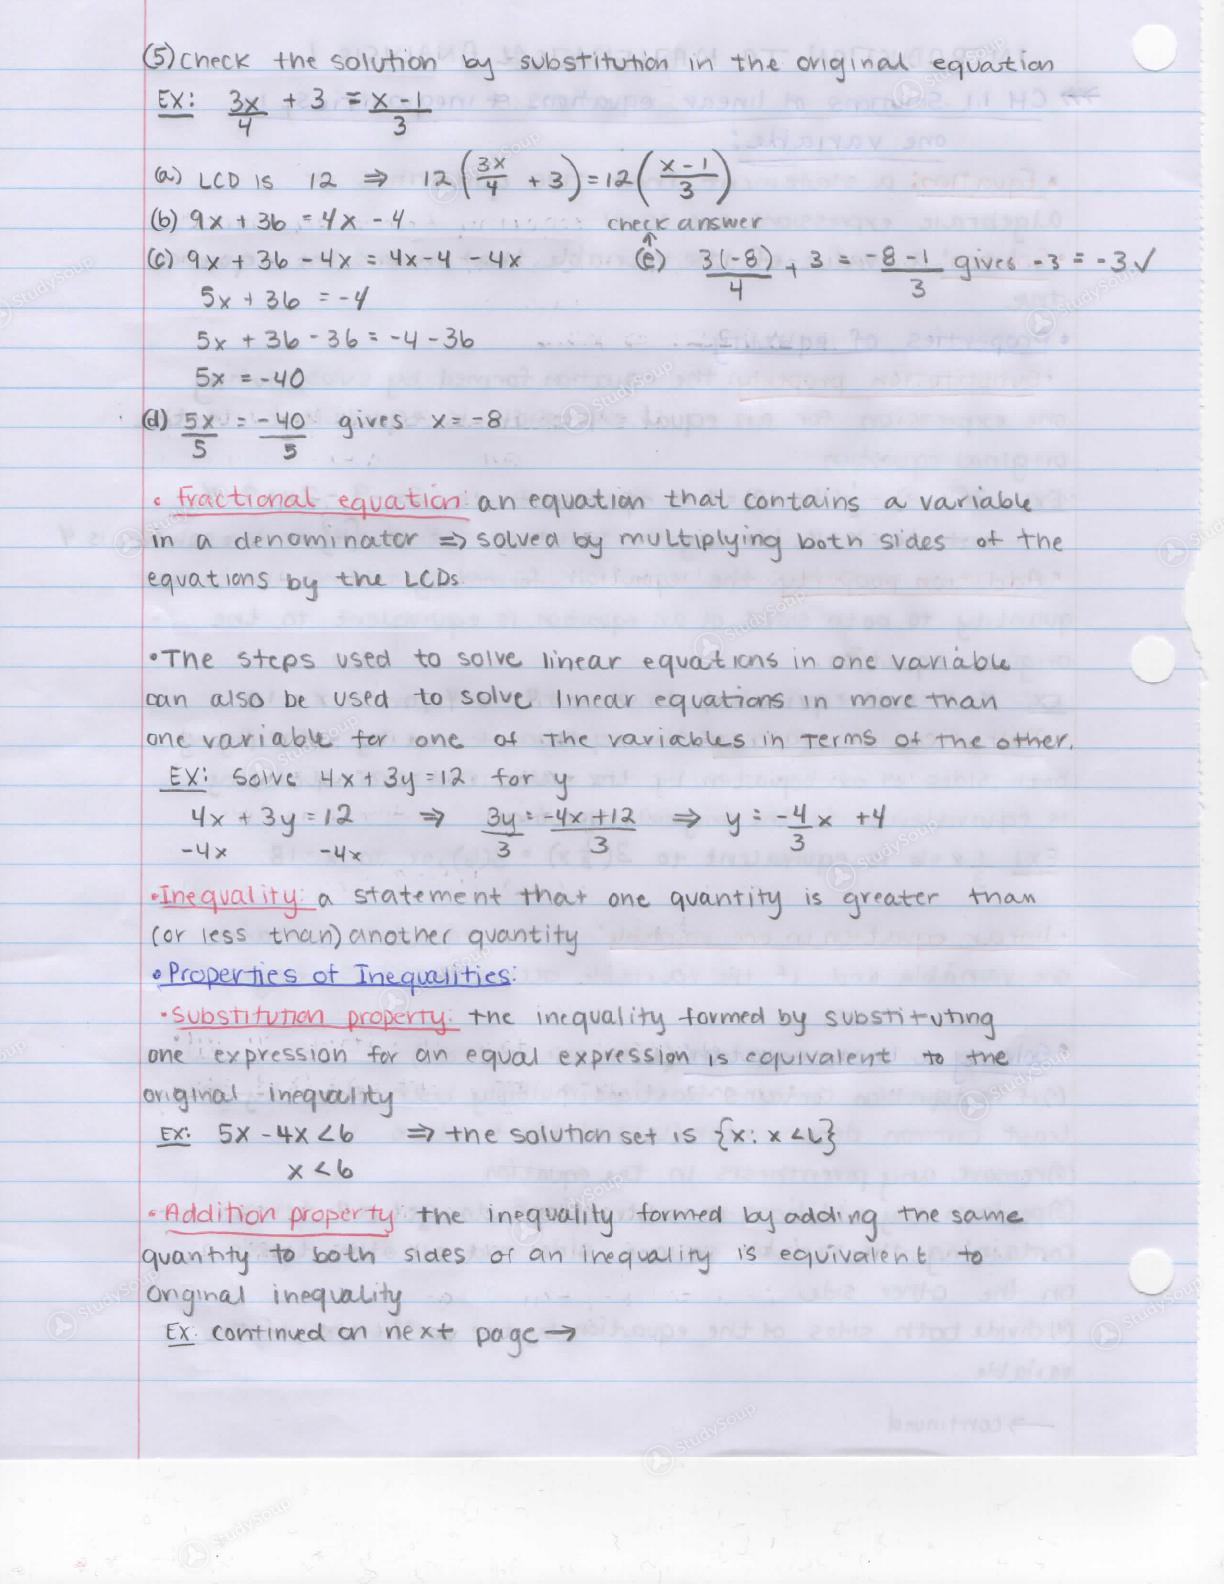 TTU - Math 1330 - Class Notes - Week 1 | StudySoup